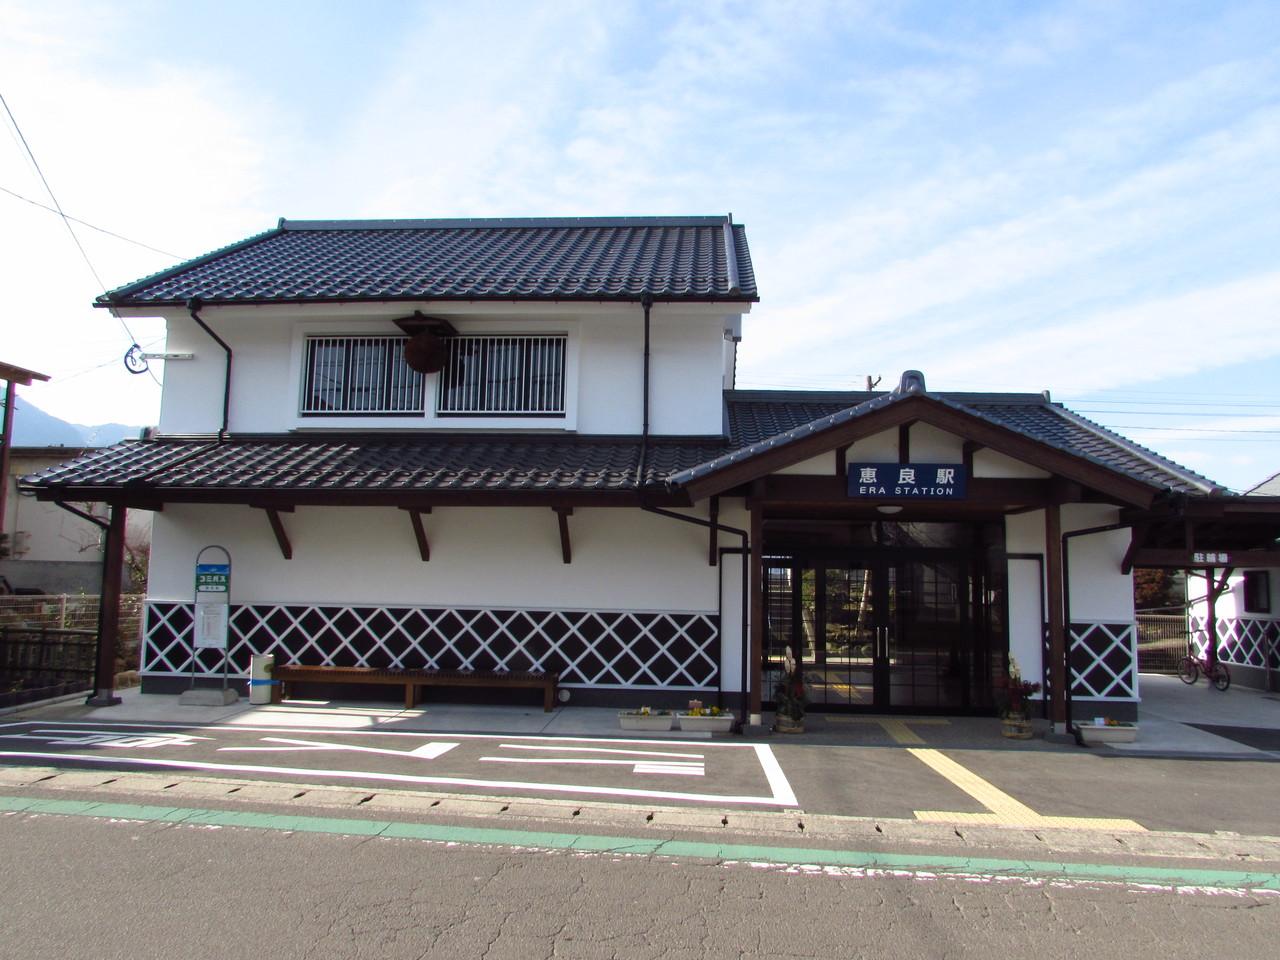 鉄路の響きを追って ~第二章~駅舎巡り・久大本線再訪編 VI ~恵良駅~                 Masahiko